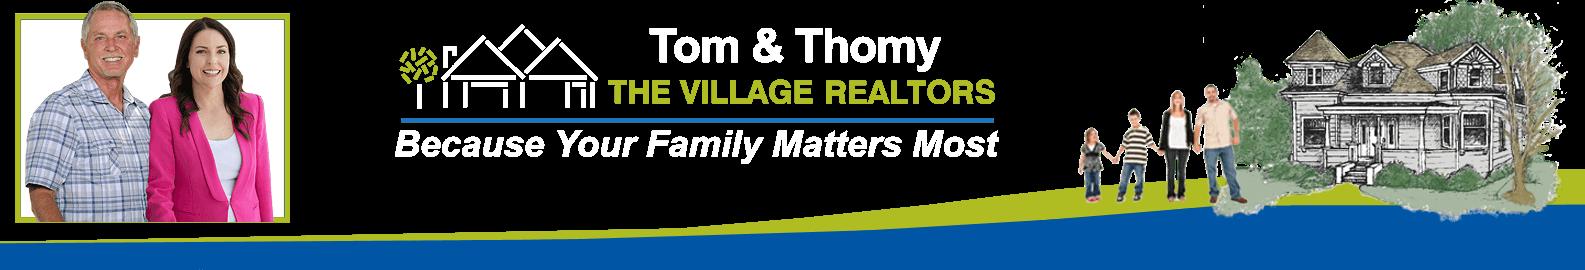 The Village Realtors